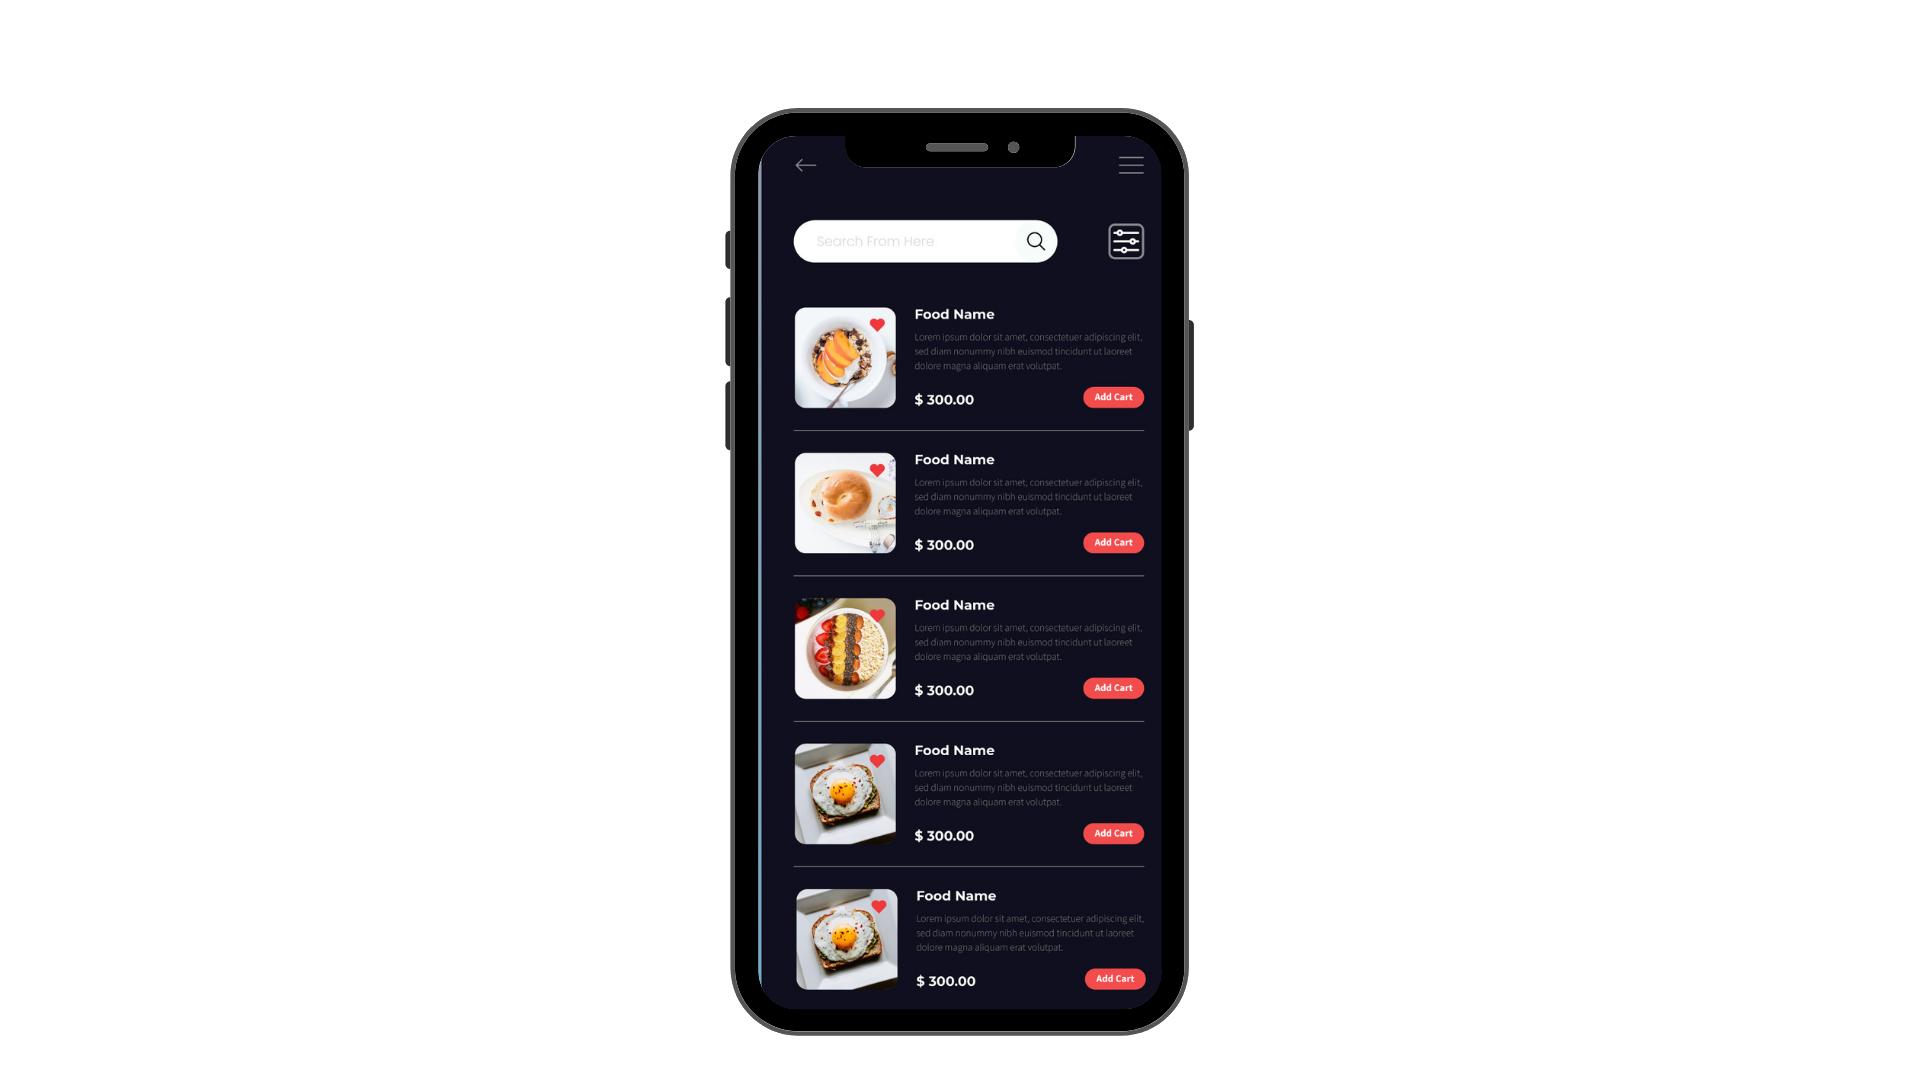 Phygital24 online ordering system restaurant app menu